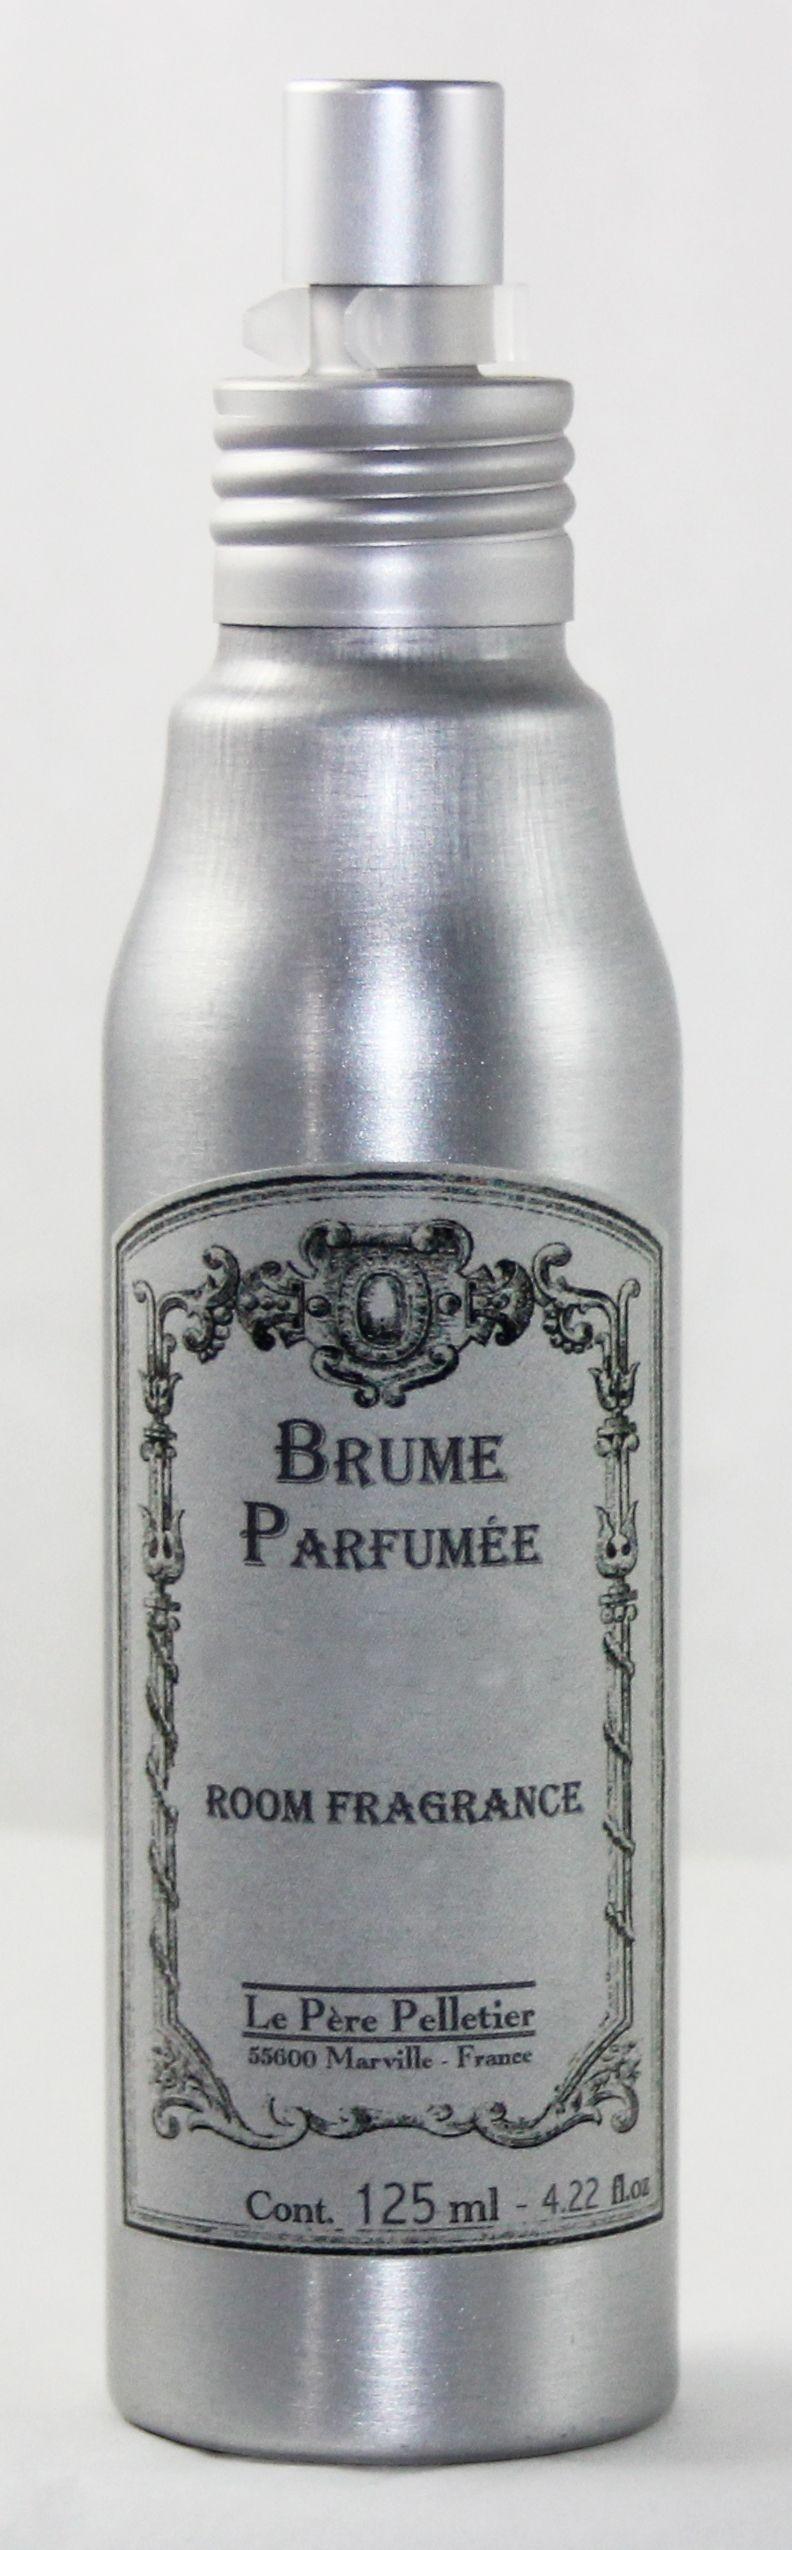 Classique - Brume parfumée 125ml parfum mythique